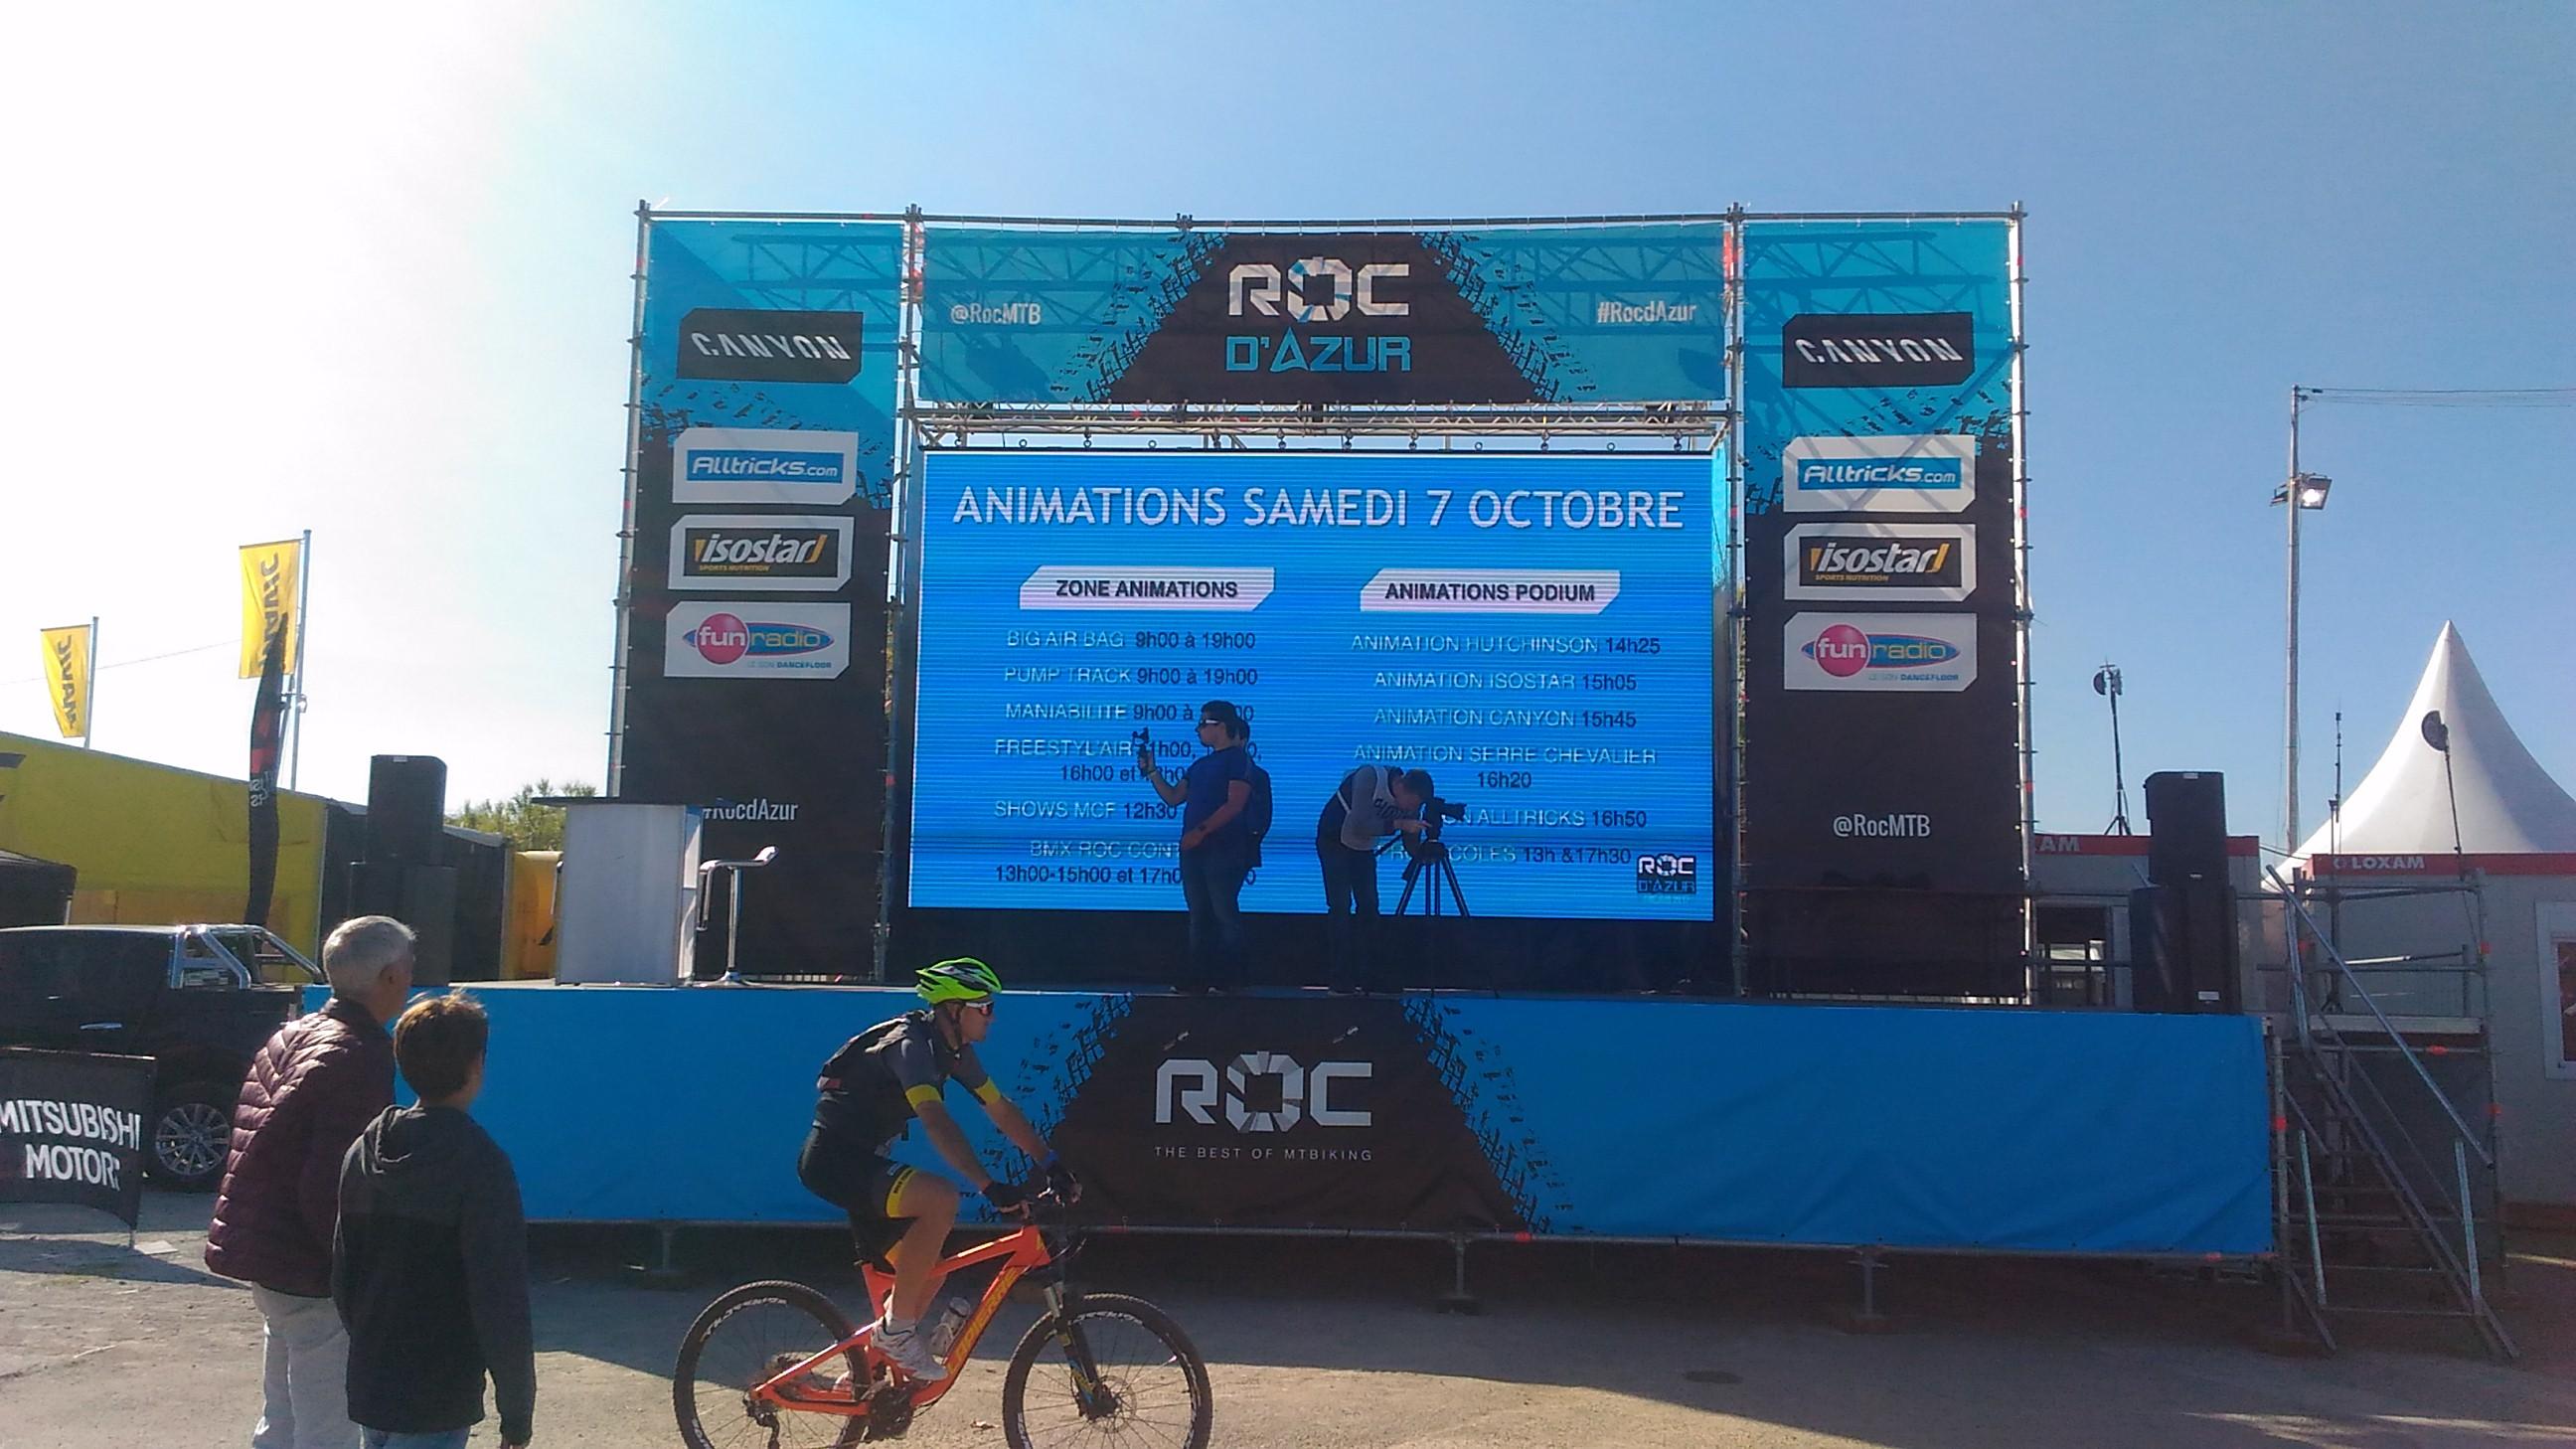 Le Roc d'Azur c'est aussi beaucoup d'animation, impossible de s'ennuyer!